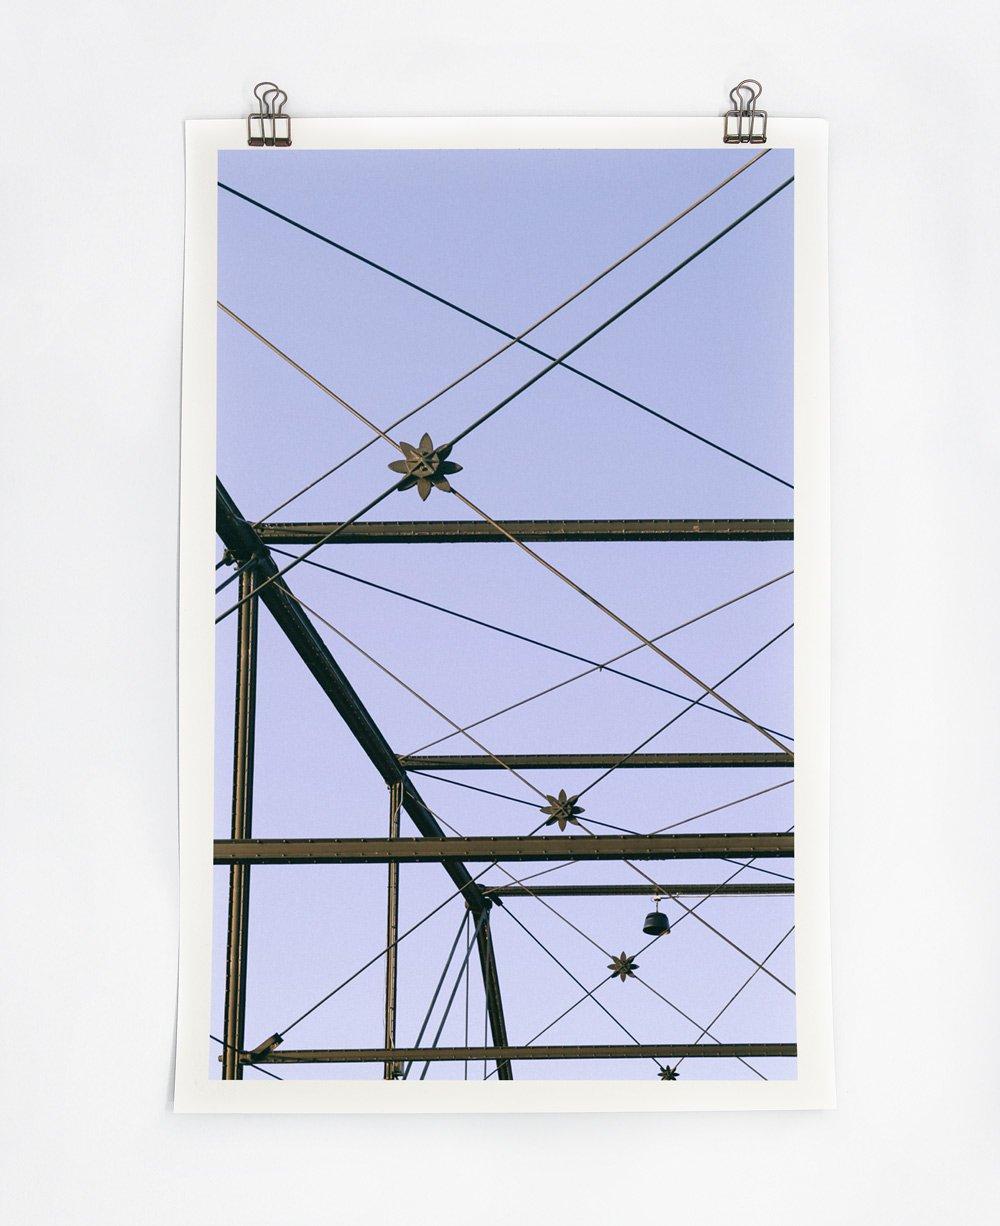 Image of Bridge Detail